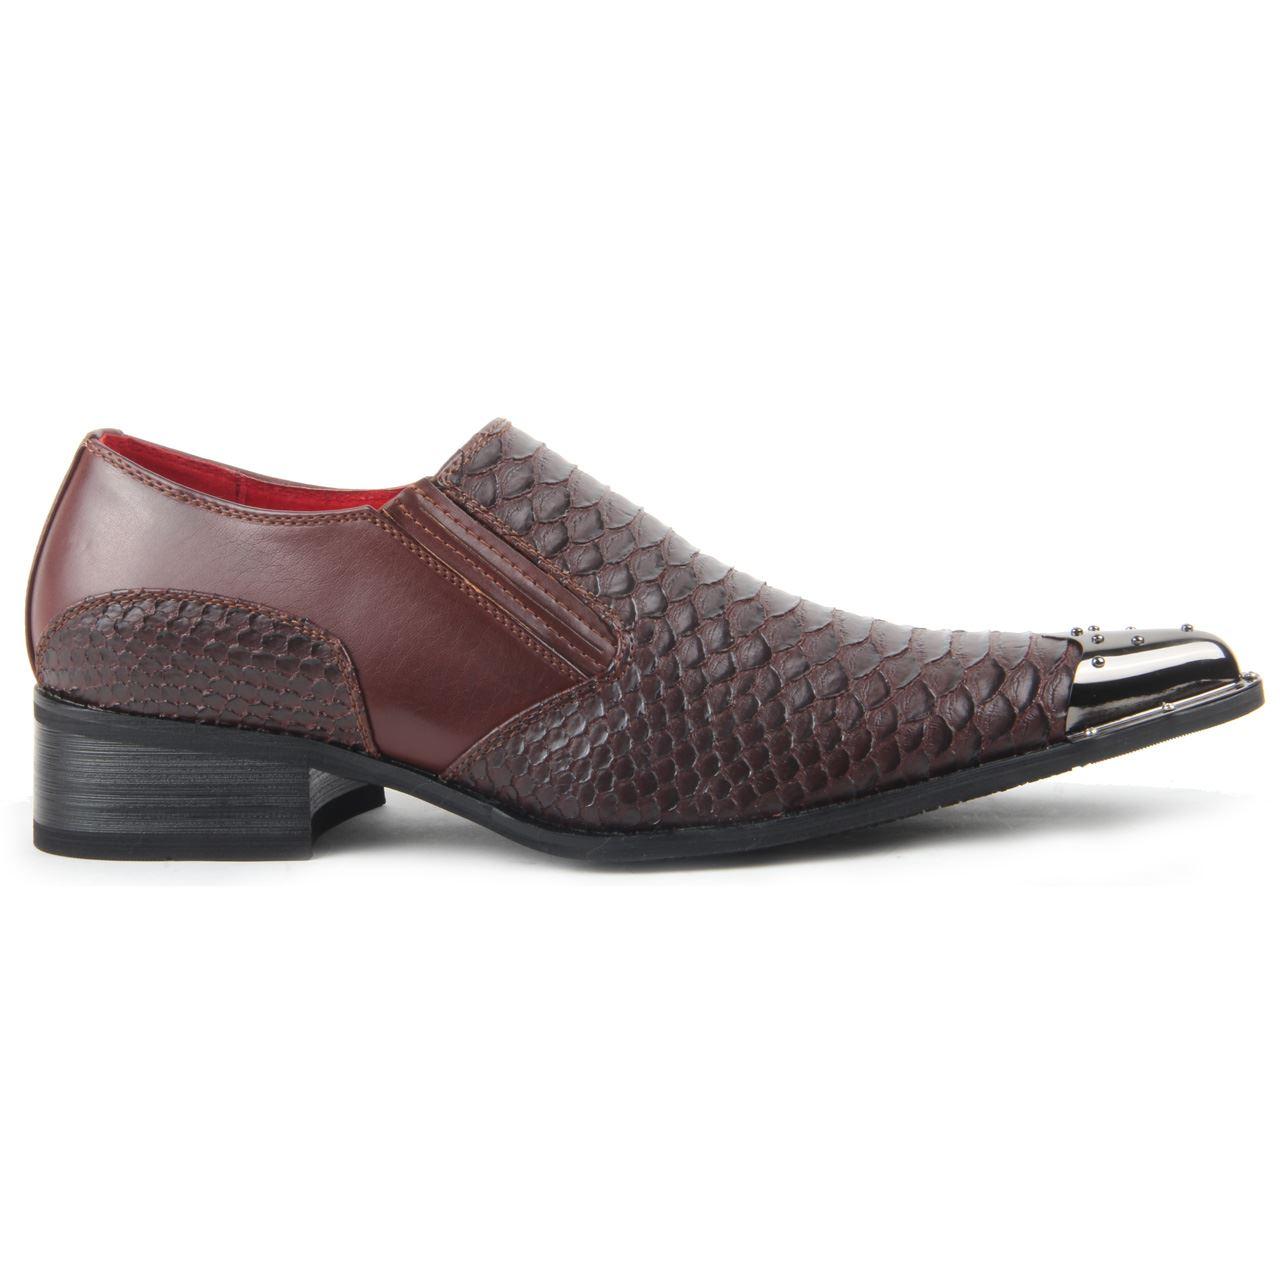 Herren Klug Freizeit Metall Schuhe, Kroko Skin ohne Bügel Metall Freizeit Zeh Spitz 32fb01